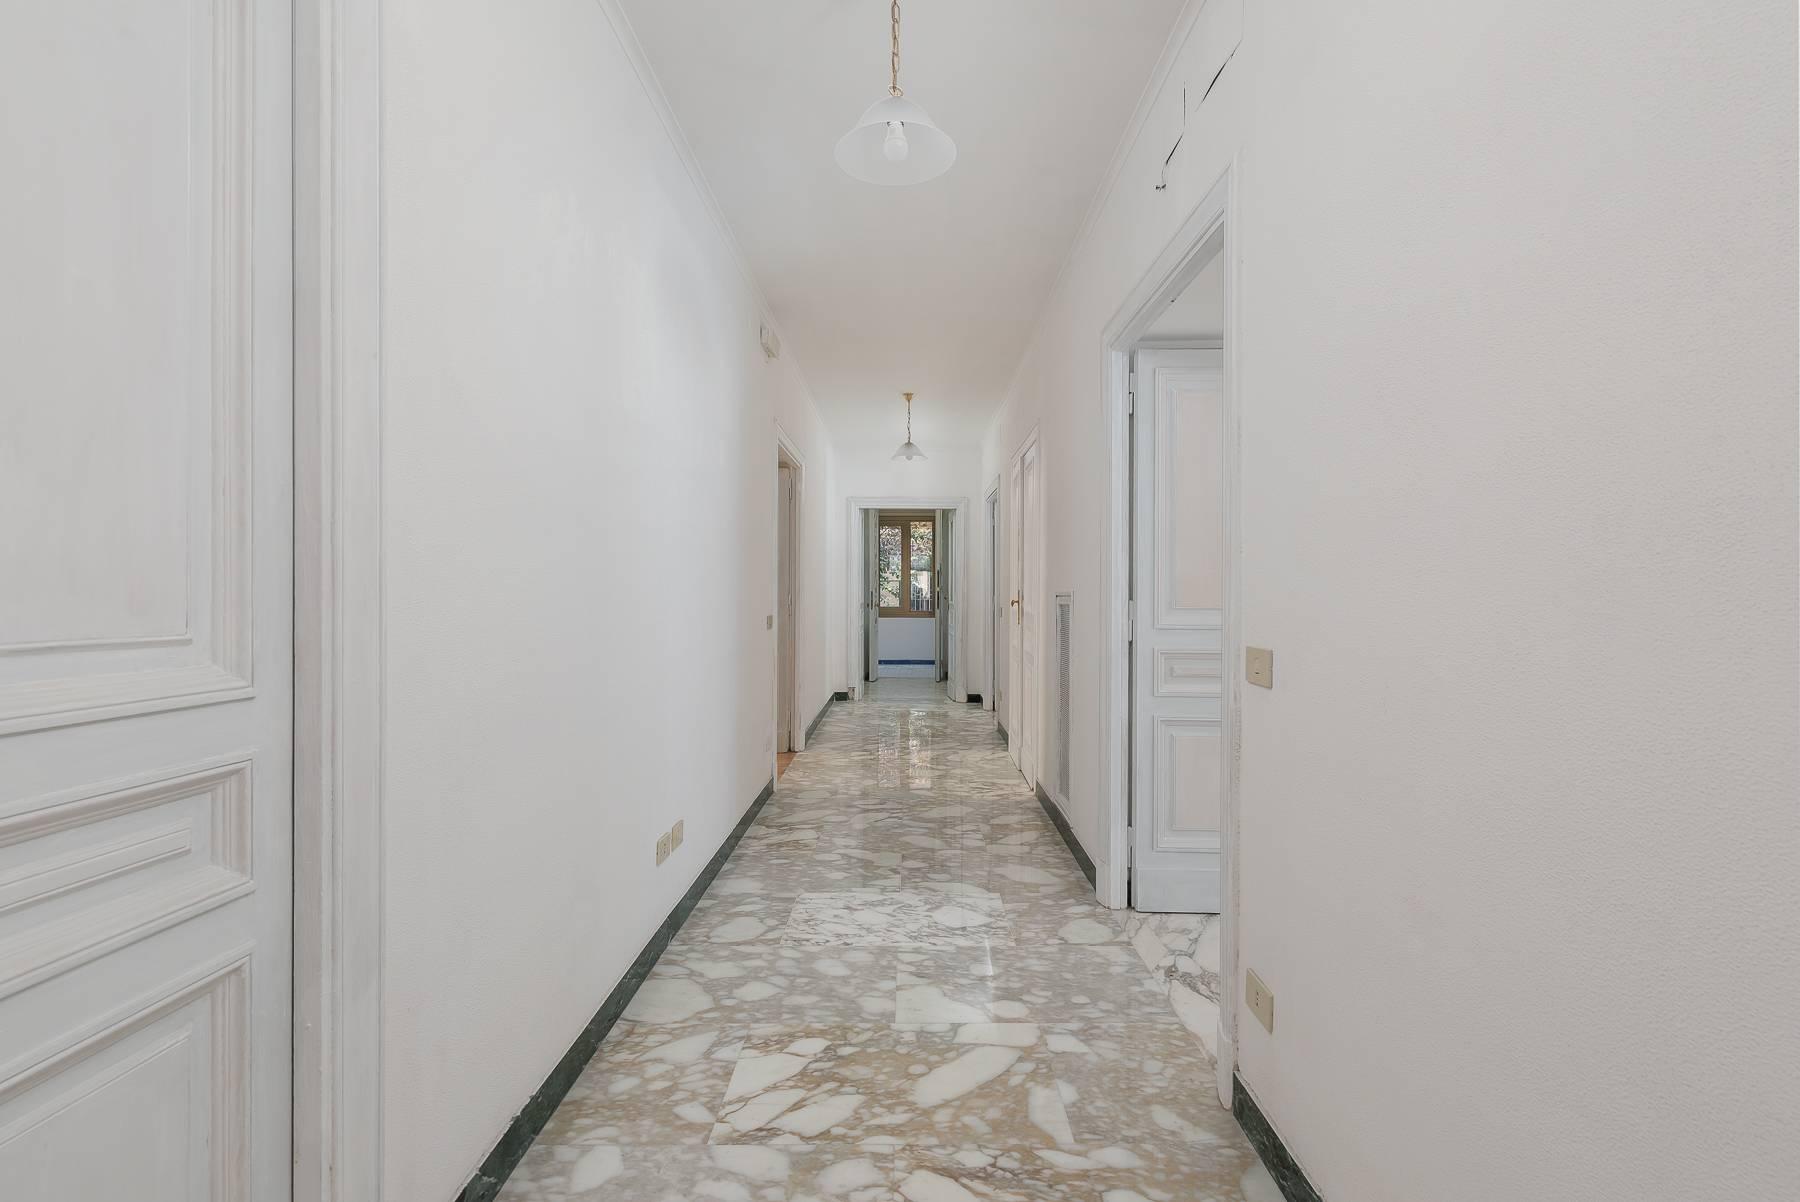 Ufficio-studio in Vendita a Roma: 5 locali, 322 mq - Foto 12